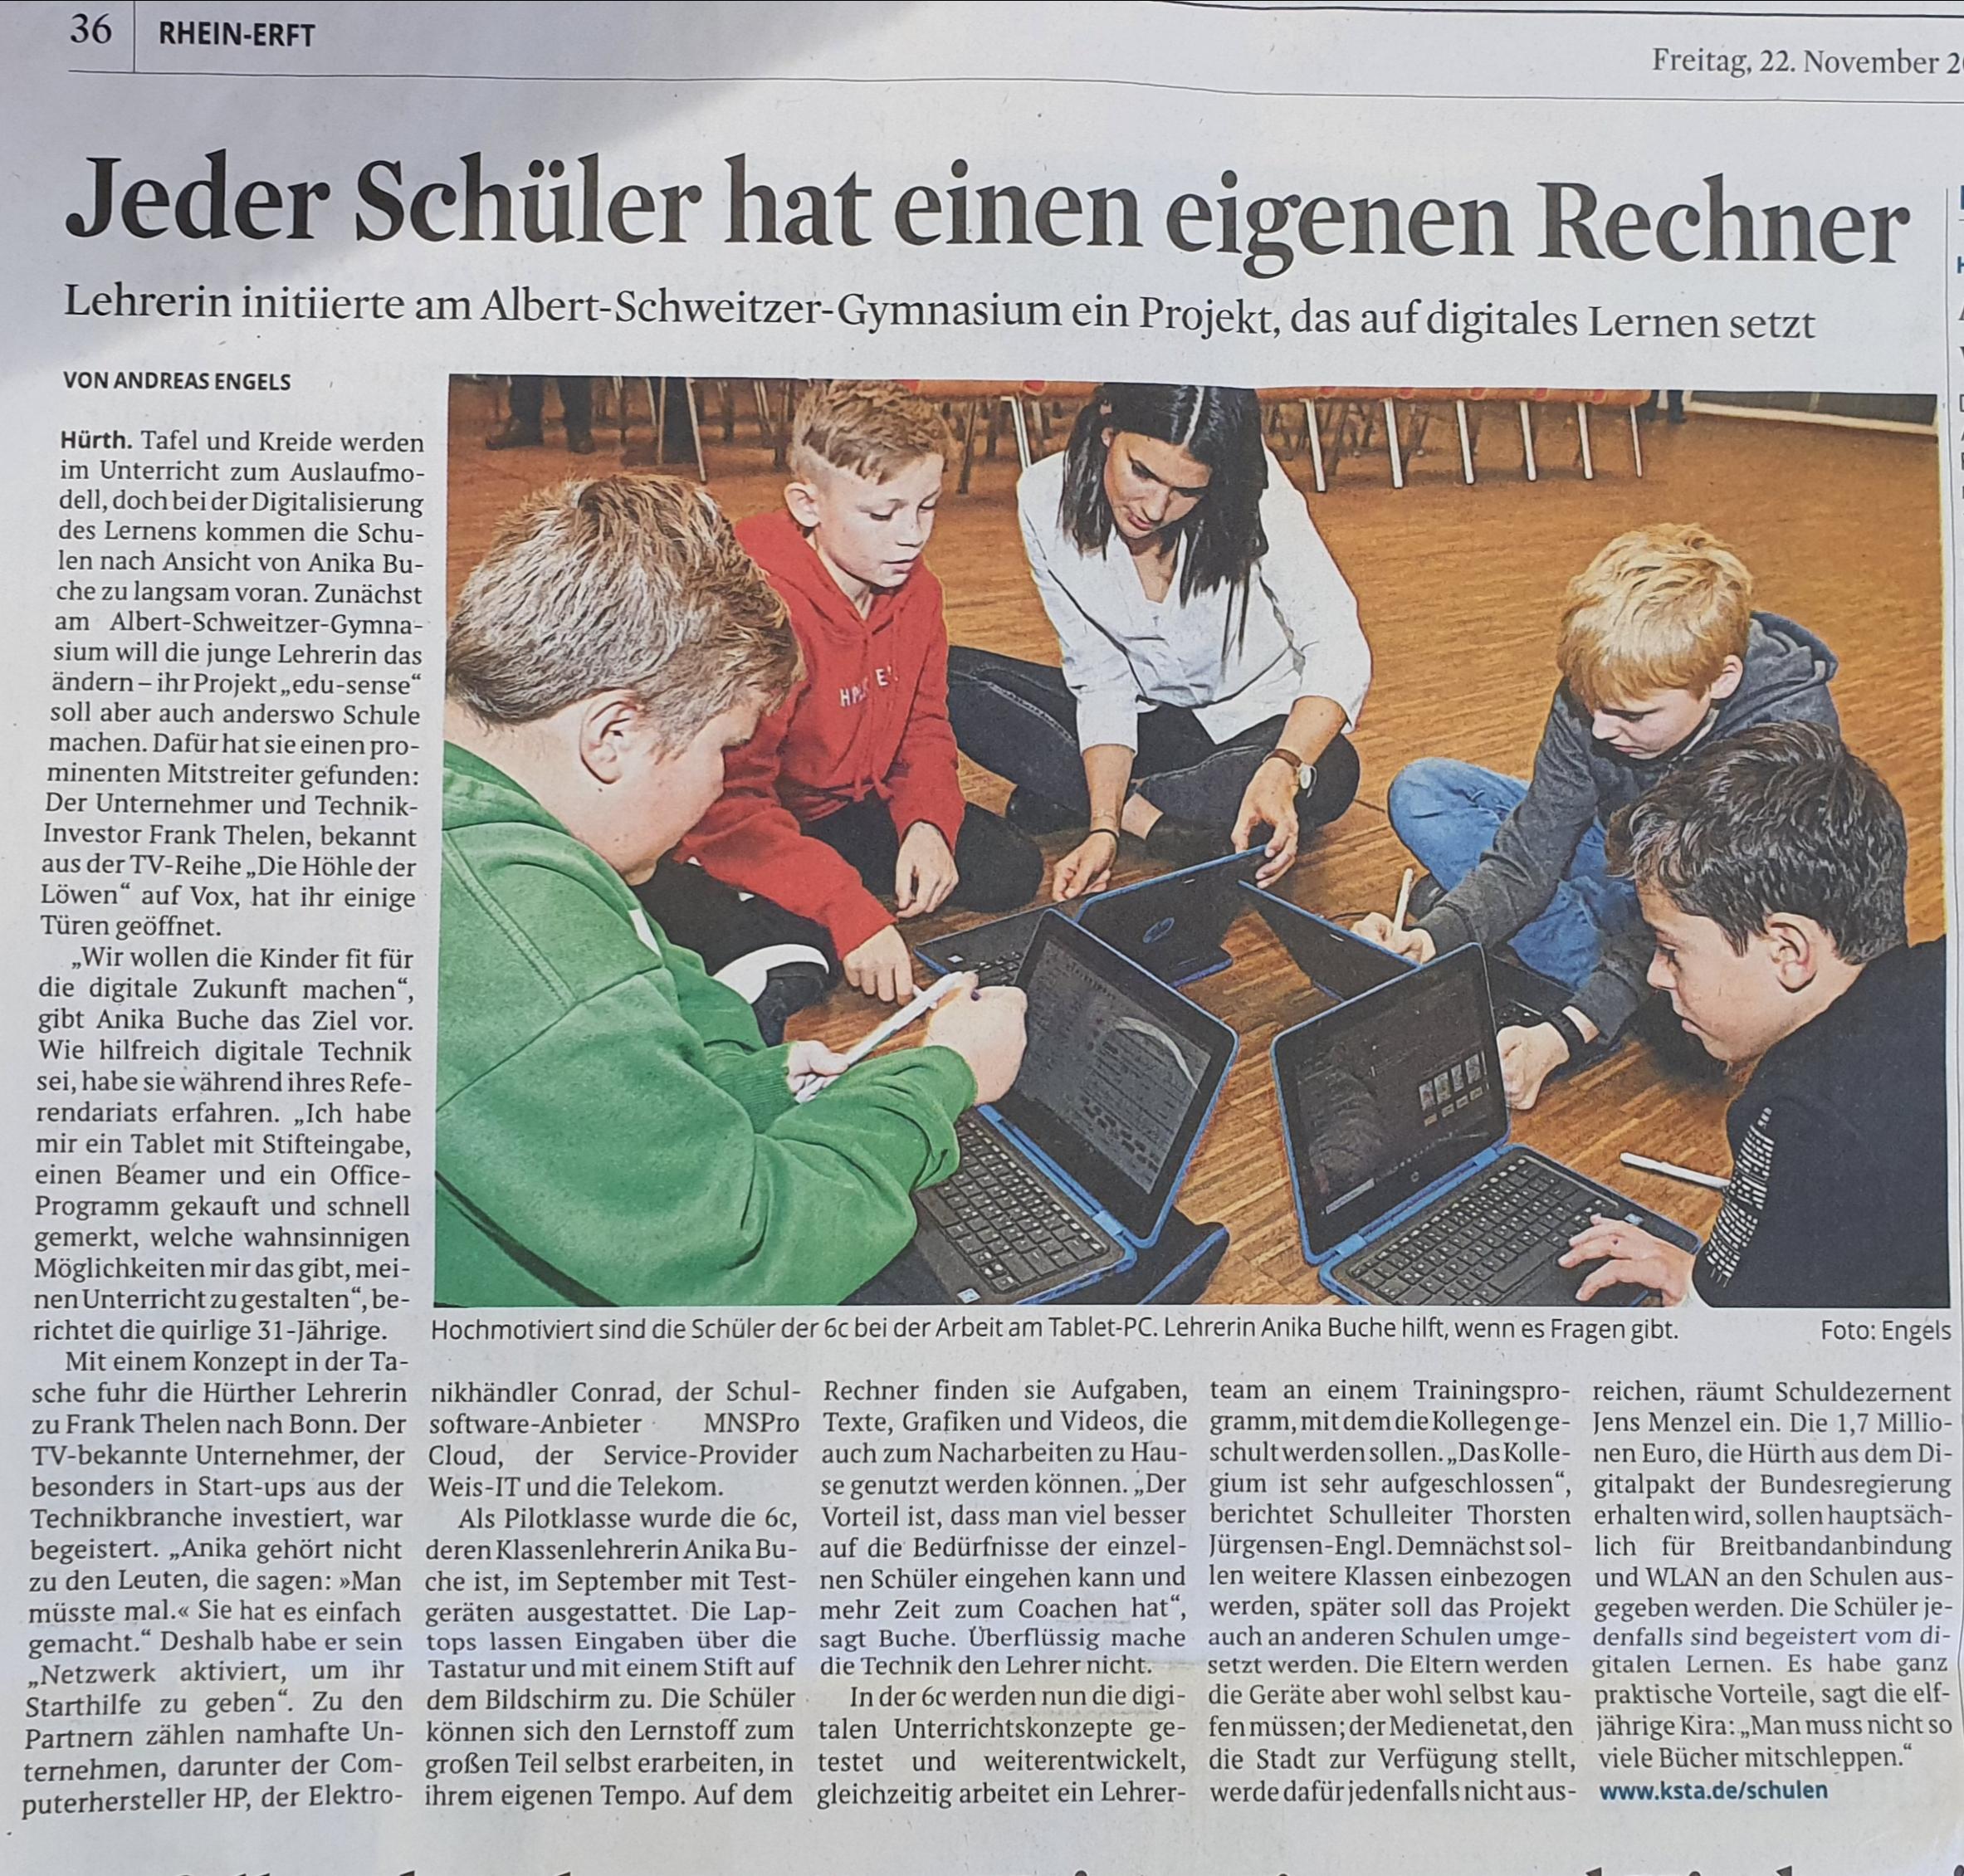 Artikel aus dem Kölner Stadtanzeiger